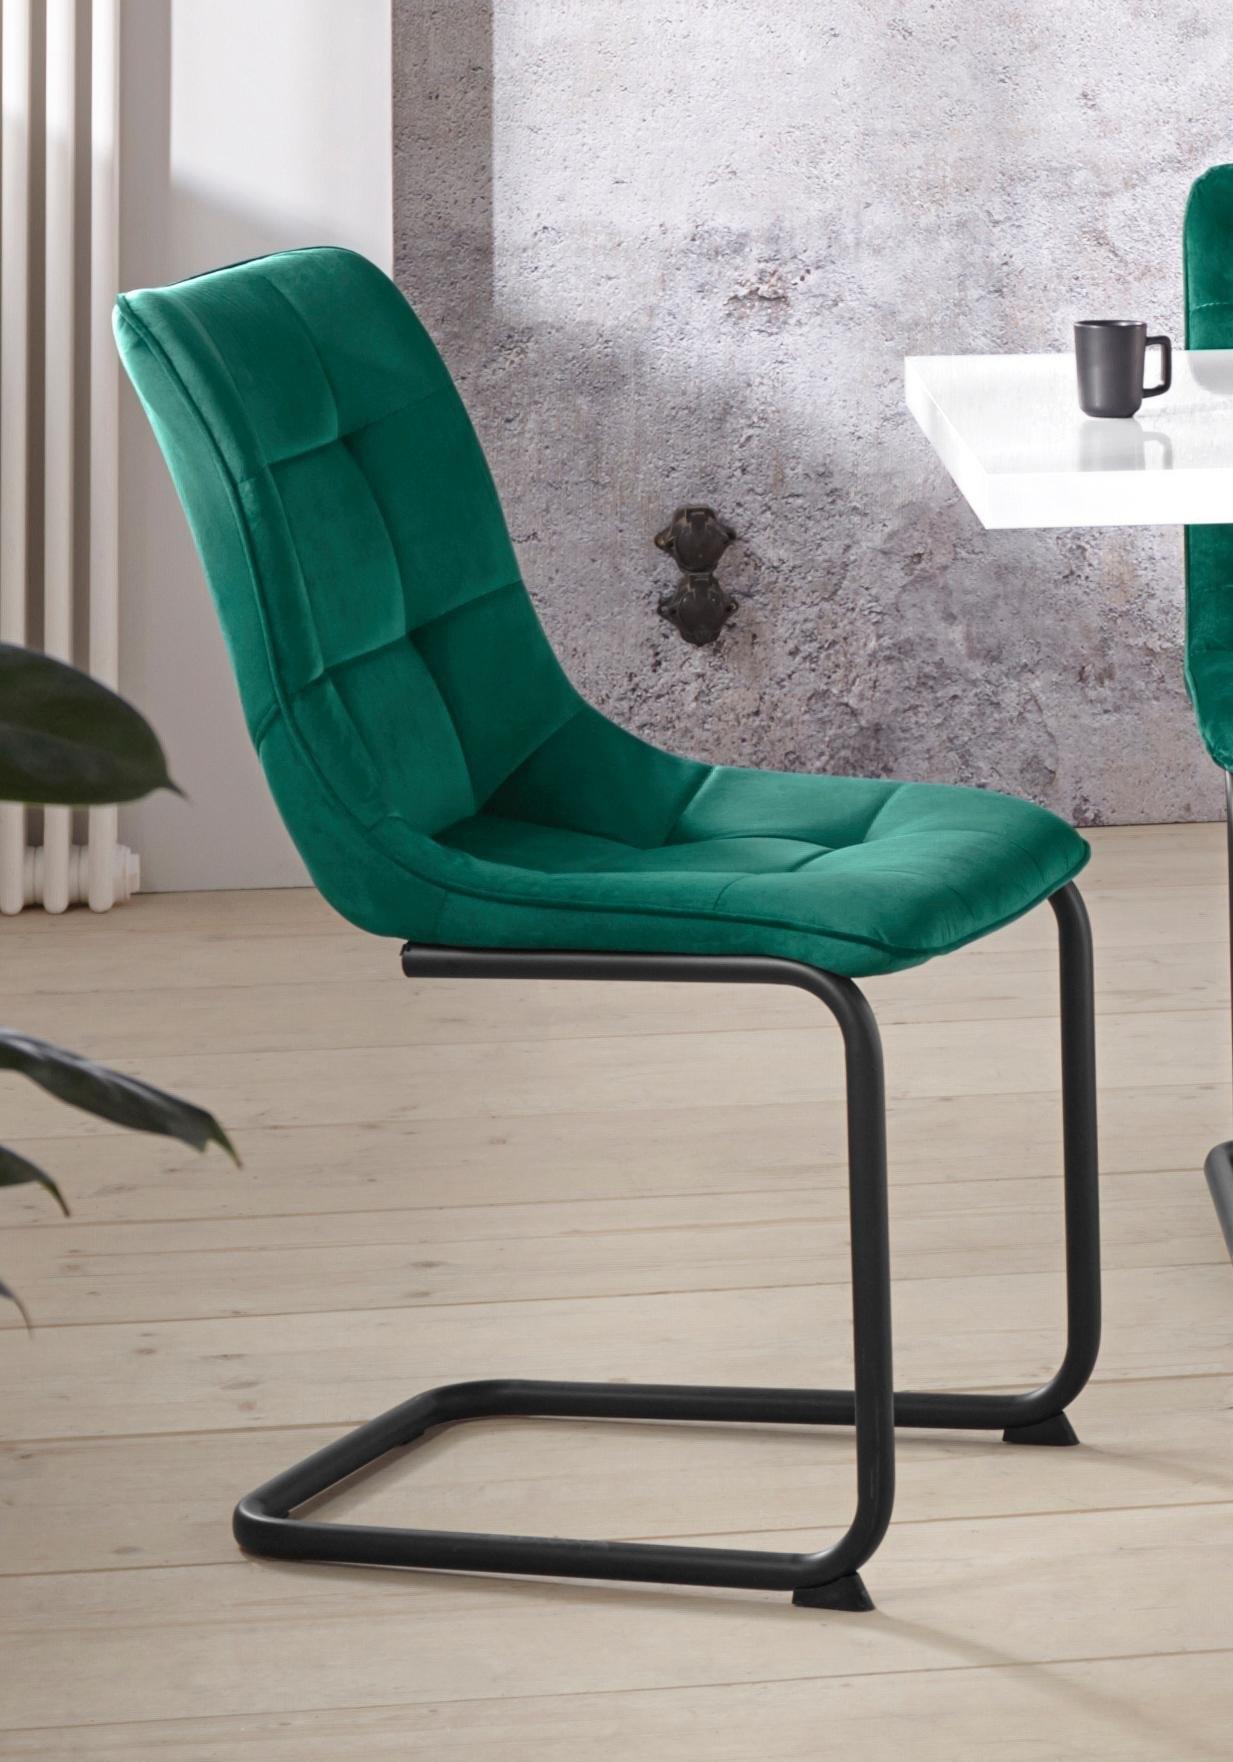 Vrijdragende stoel »JENNY 1 S« (set van 2 of 4) bestellen: 14 dagen bedenktijd